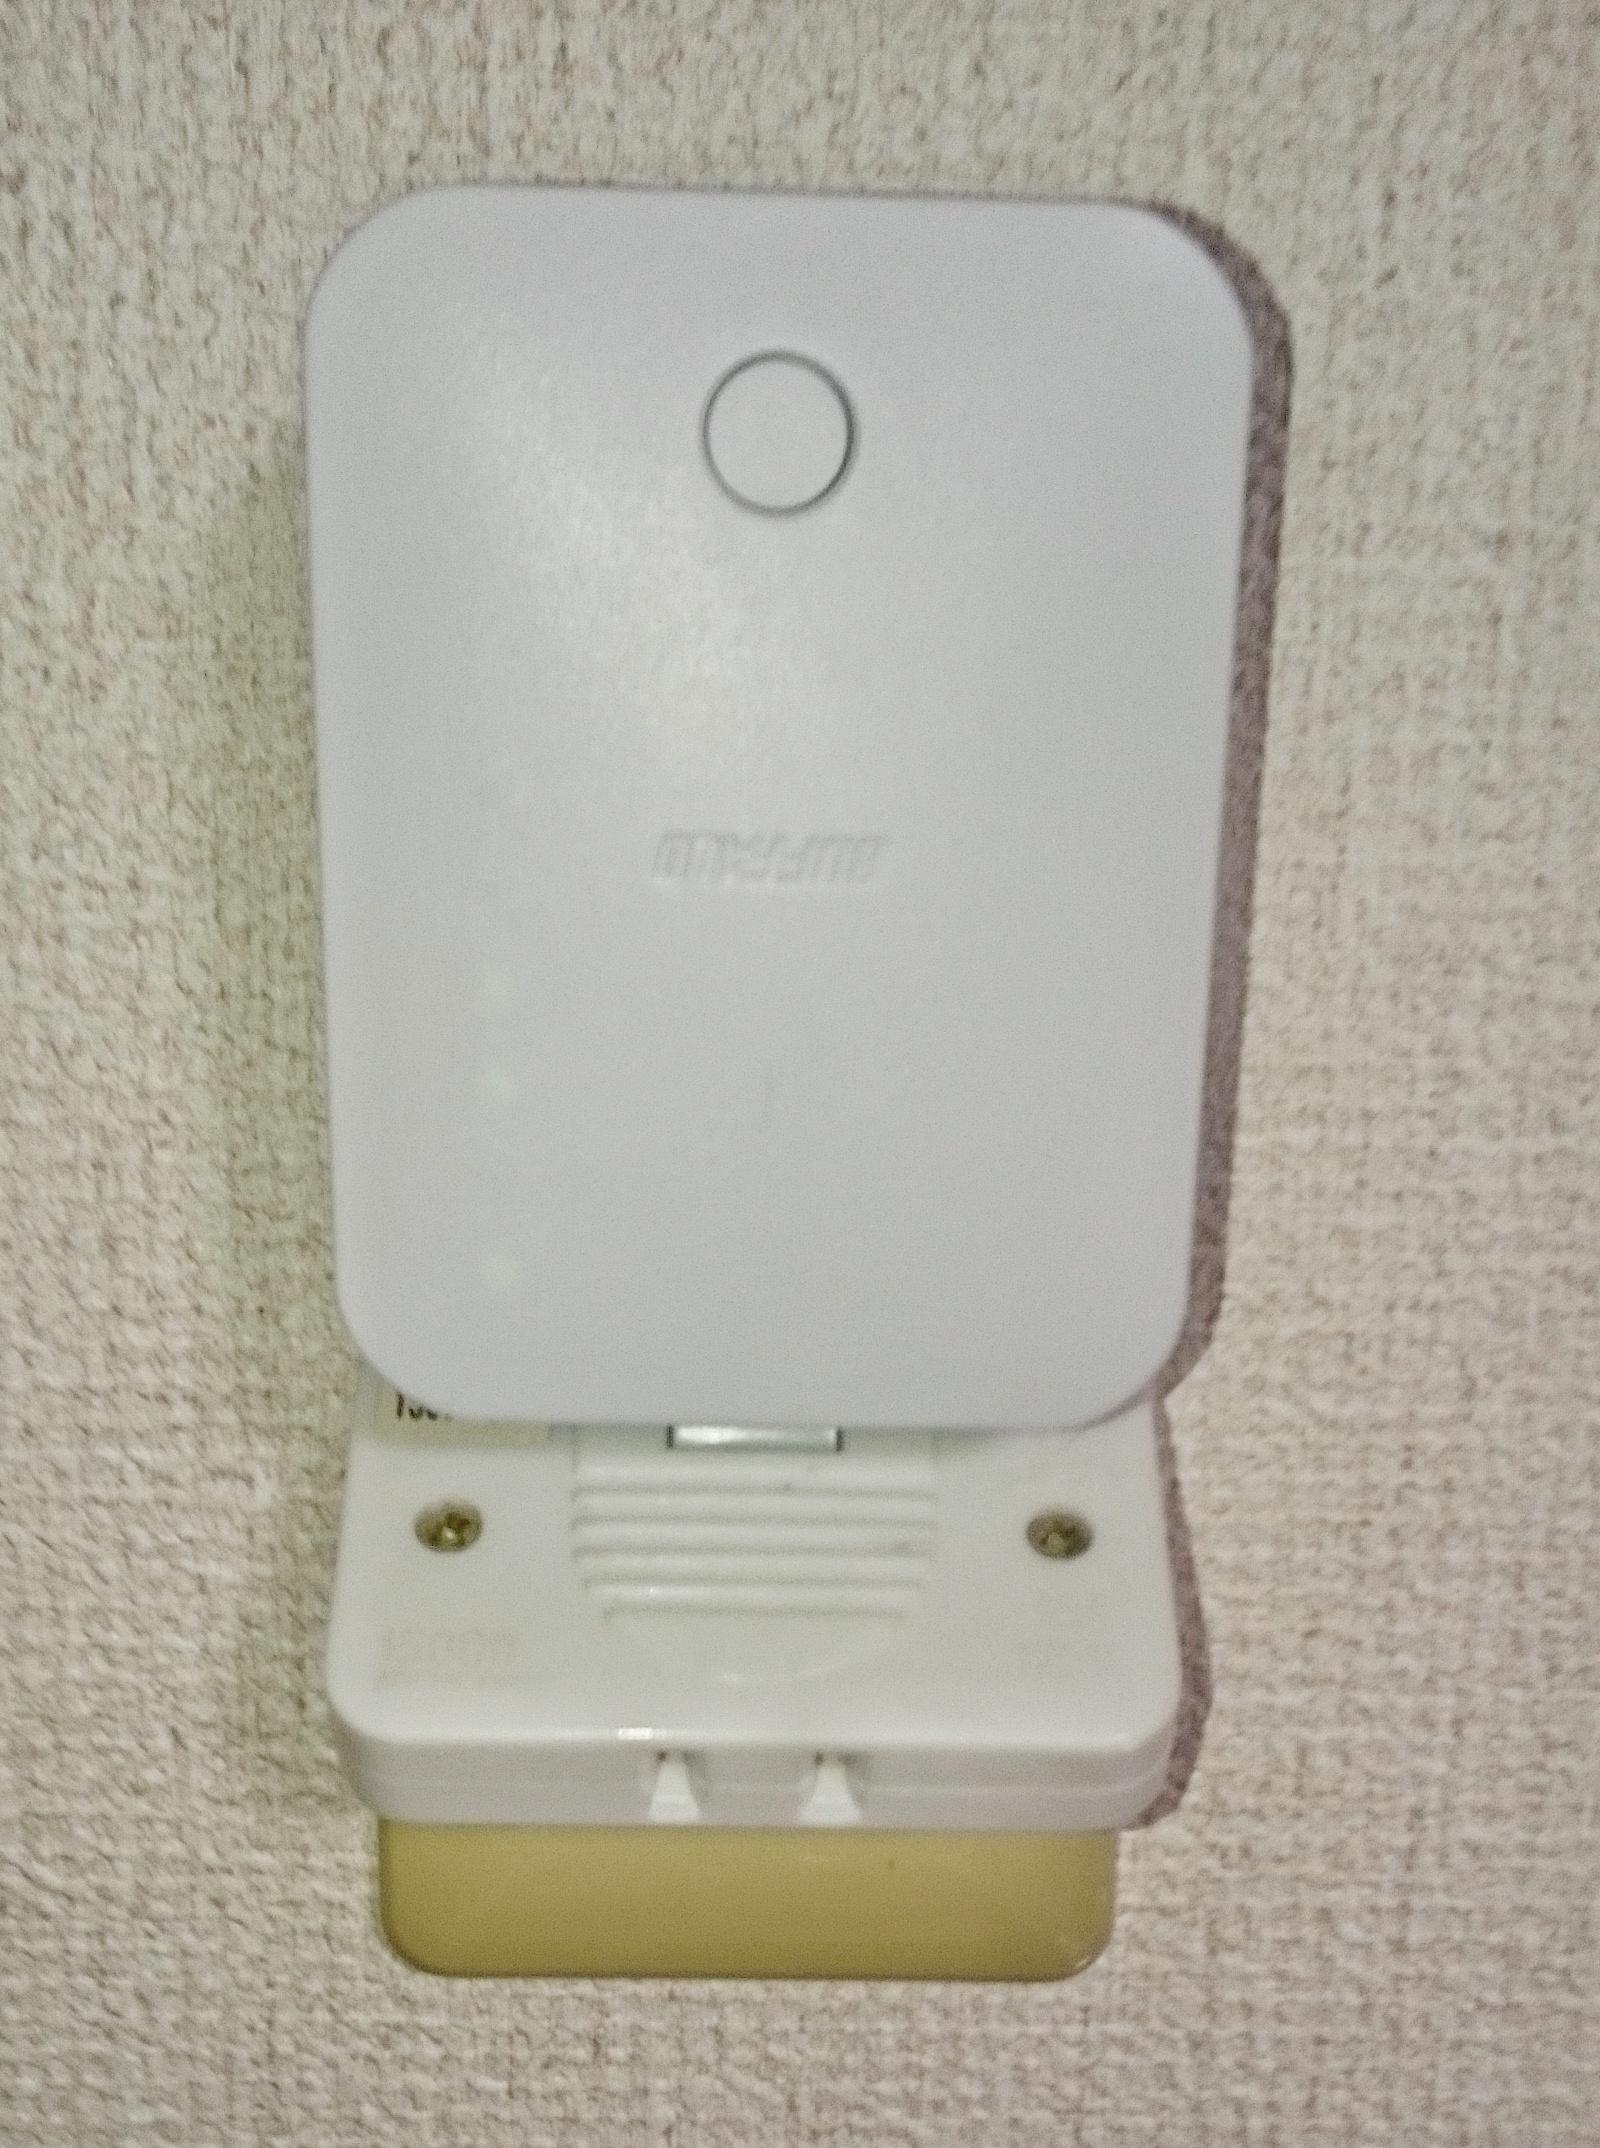 AirMacTimecapsuleでのネット環境。WEX-733DでWI-FIの中継器バッファローWEX-733Dで電波がが来ない部屋も快適に。ただし設定に注意も必要。